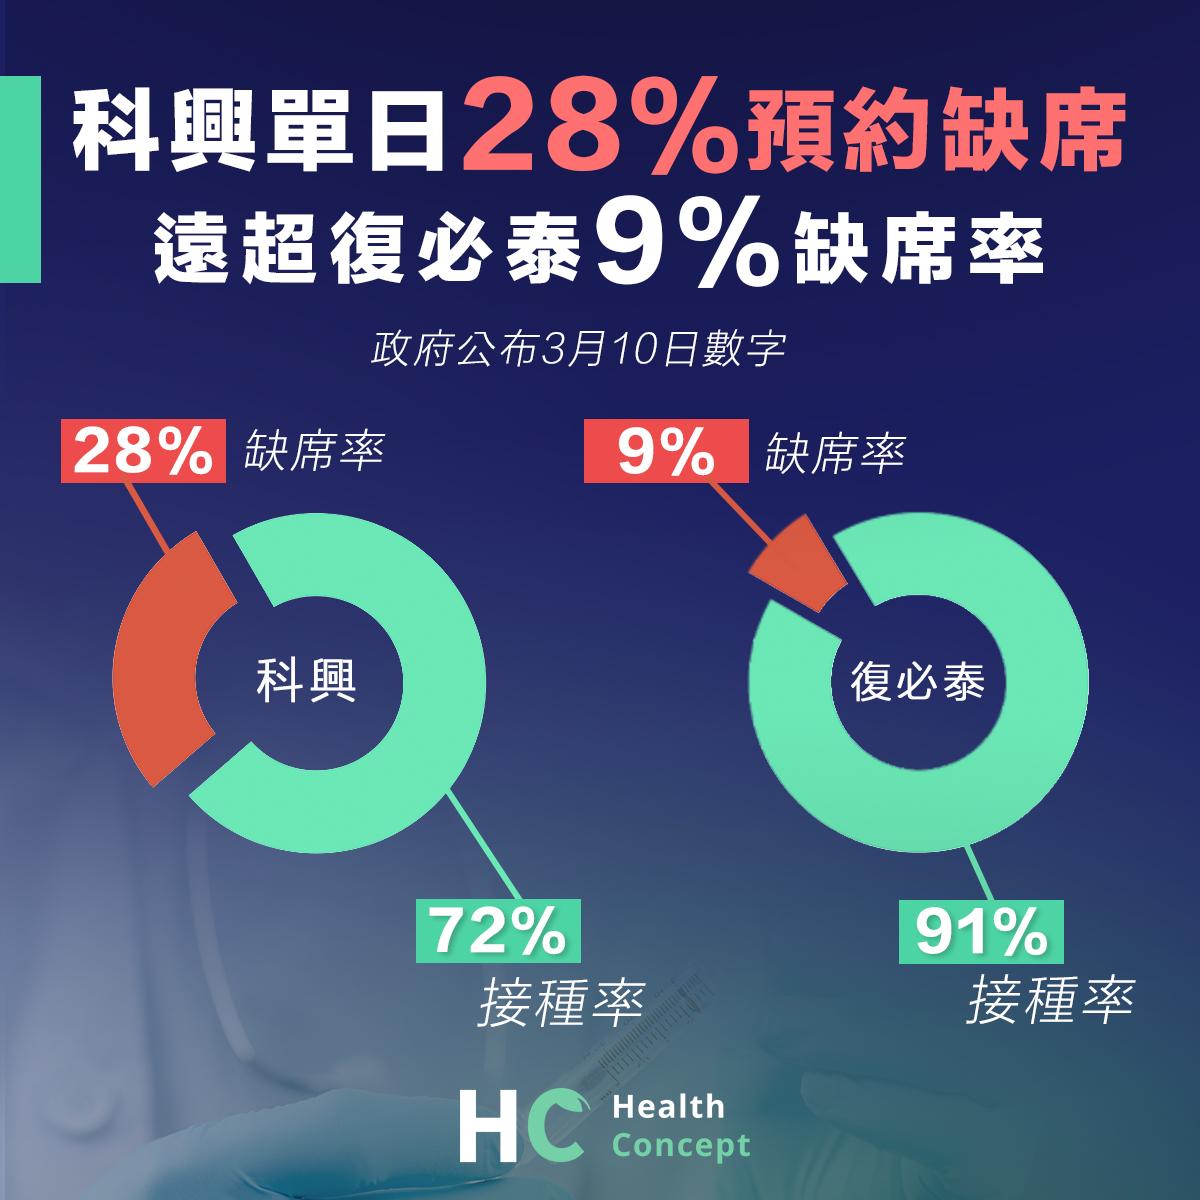 科興單日28%預約缺席 遠超復必泰9%缺席率